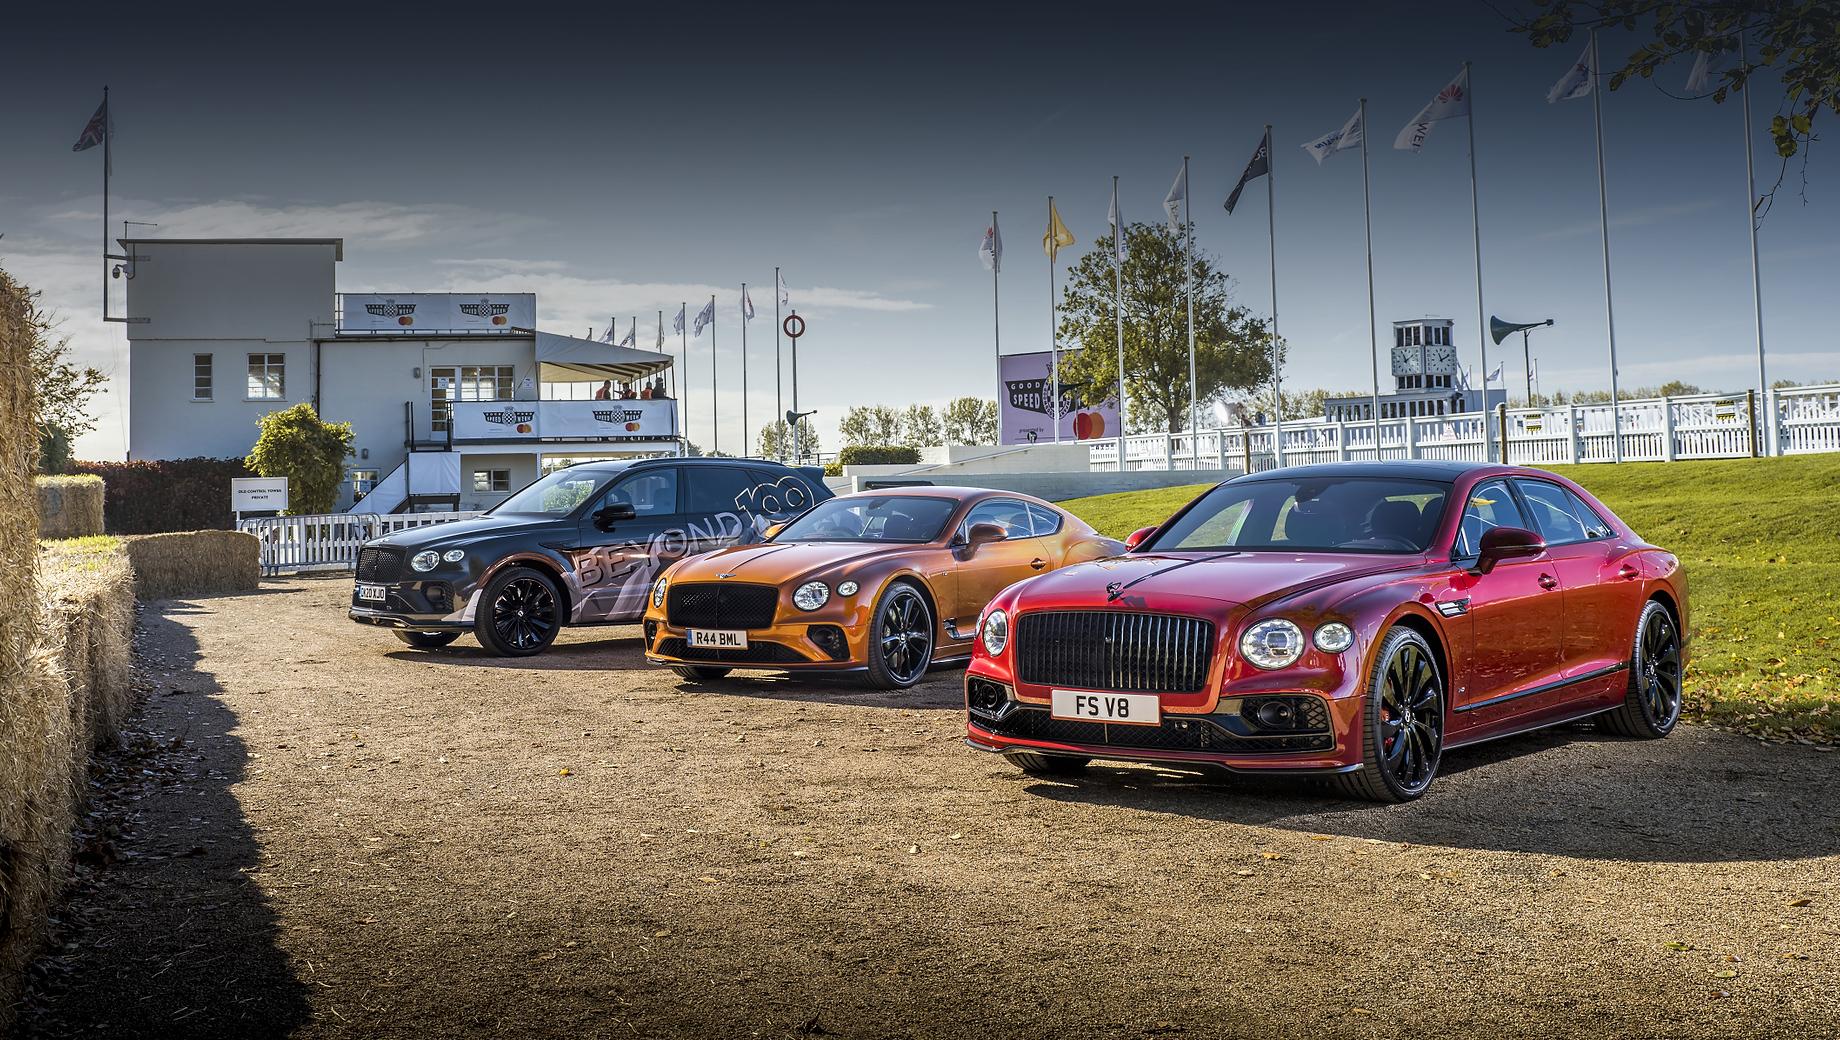 Bentley continental gt,Bentley flying spur. Для Bentley 2019 год был прибыльным, 2020-й по понятным причинам — проблемным (хотя итоги пока не подведены), ну а в 2021-м марке нужно будет подтвердить финансовую состоятельность, повышая продажи вместе с сокращением издержек.